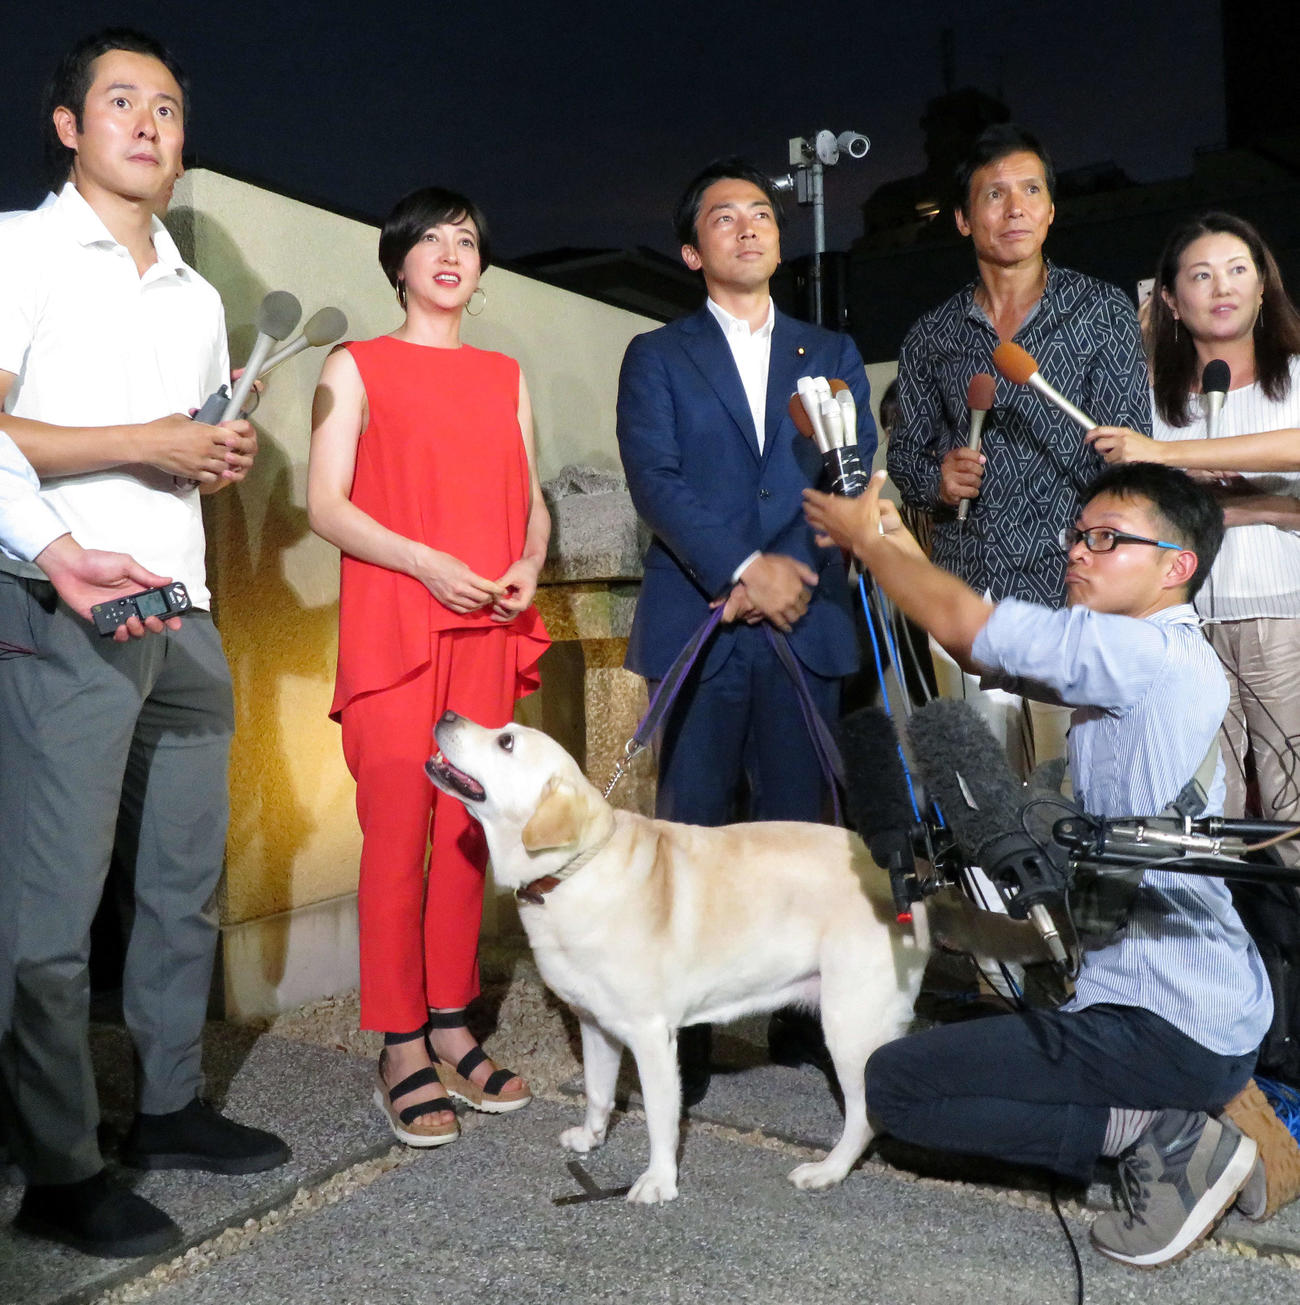 横須賀市の実家前で囲み取材を受ける滝川クリステル(左)と小泉進次郎氏。下は滝川の愛犬アリス(2019年8月7日撮影)